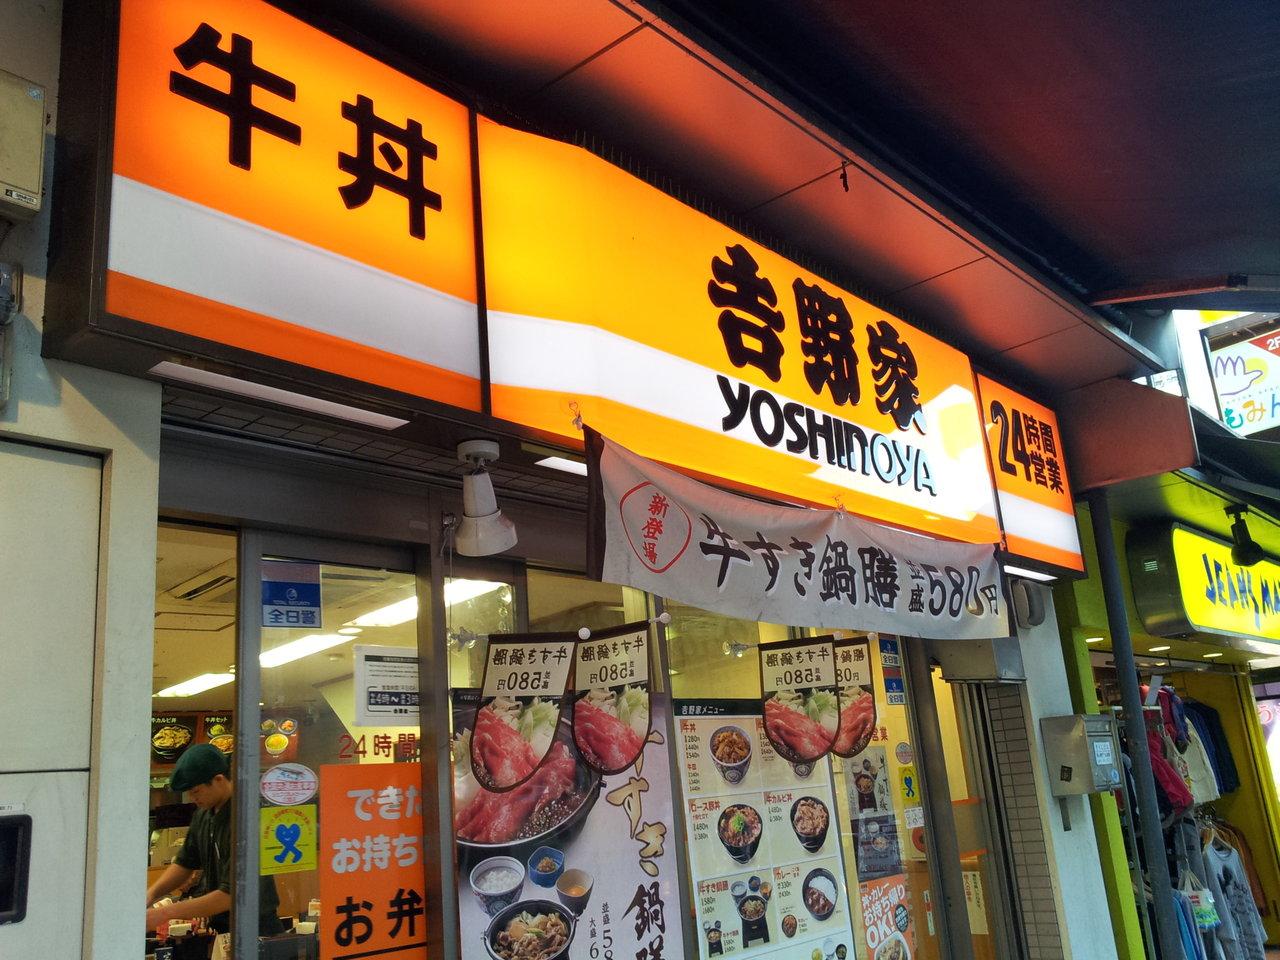 吉野家の牛丼が300円に値上げでも、株主優待券なら1杯270円でおk